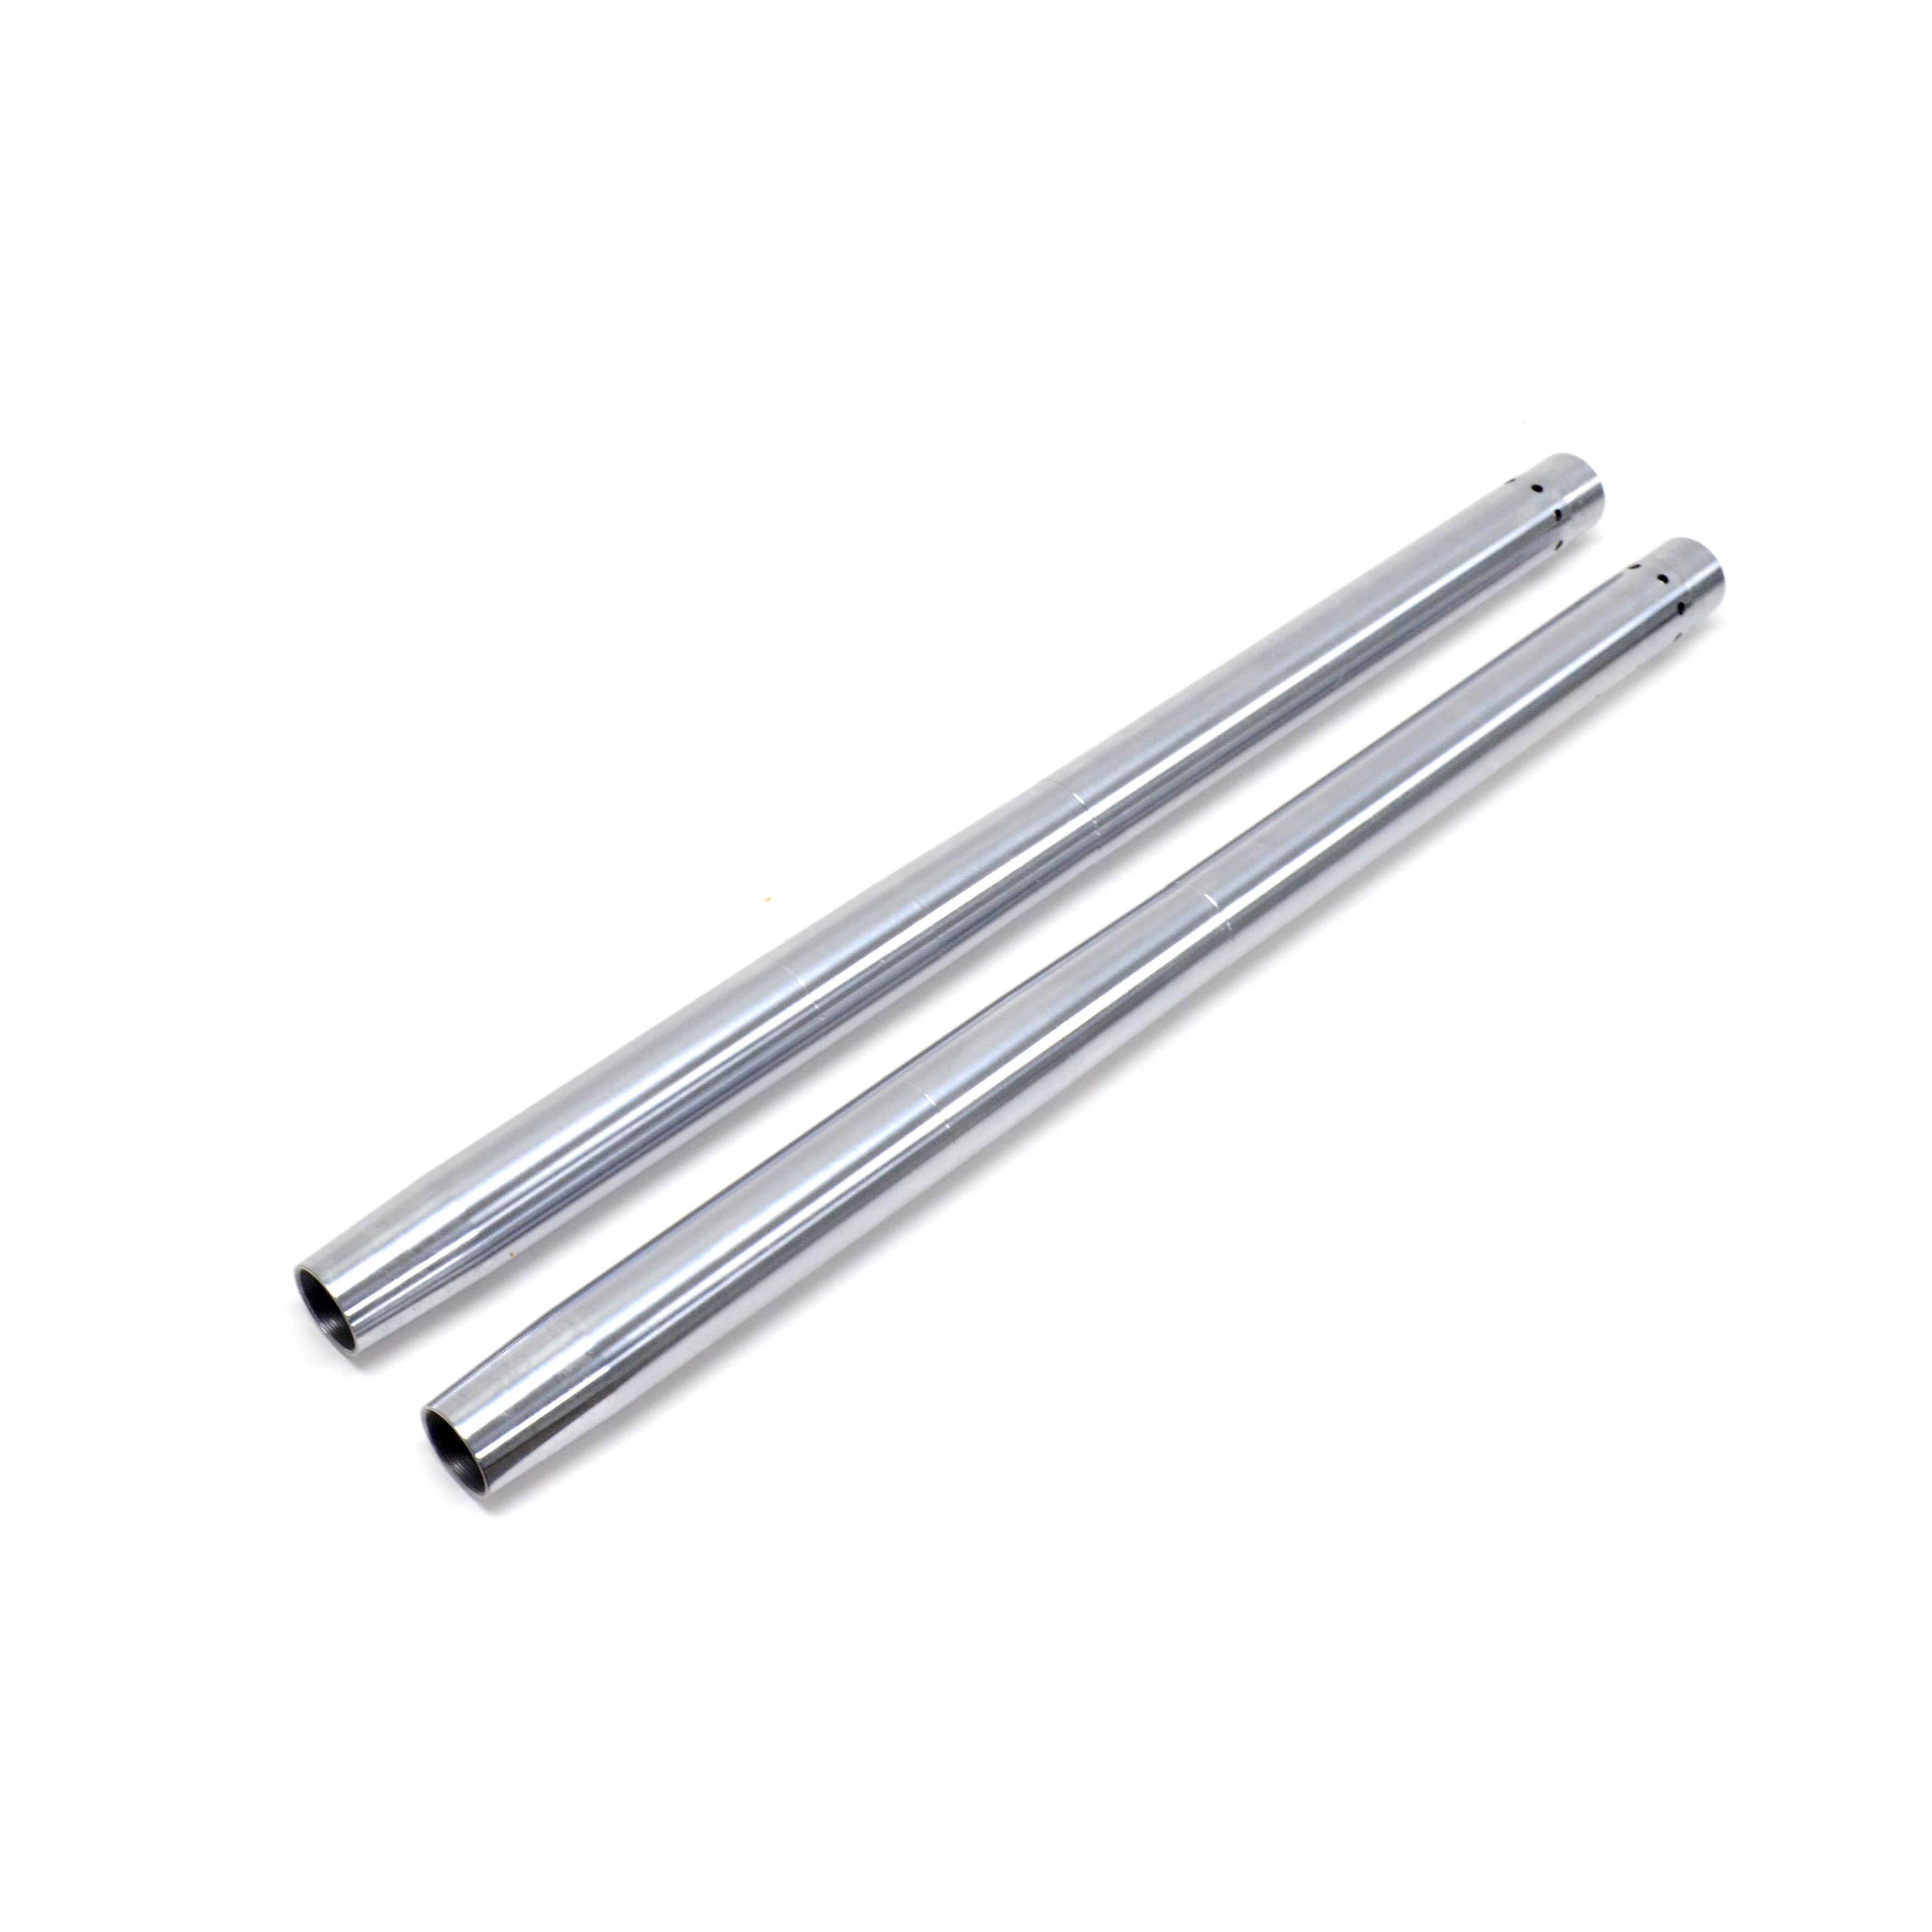 BSA A50 A65 Triumph TR25W Hard Chrome Fork Tubes 97-3906/P